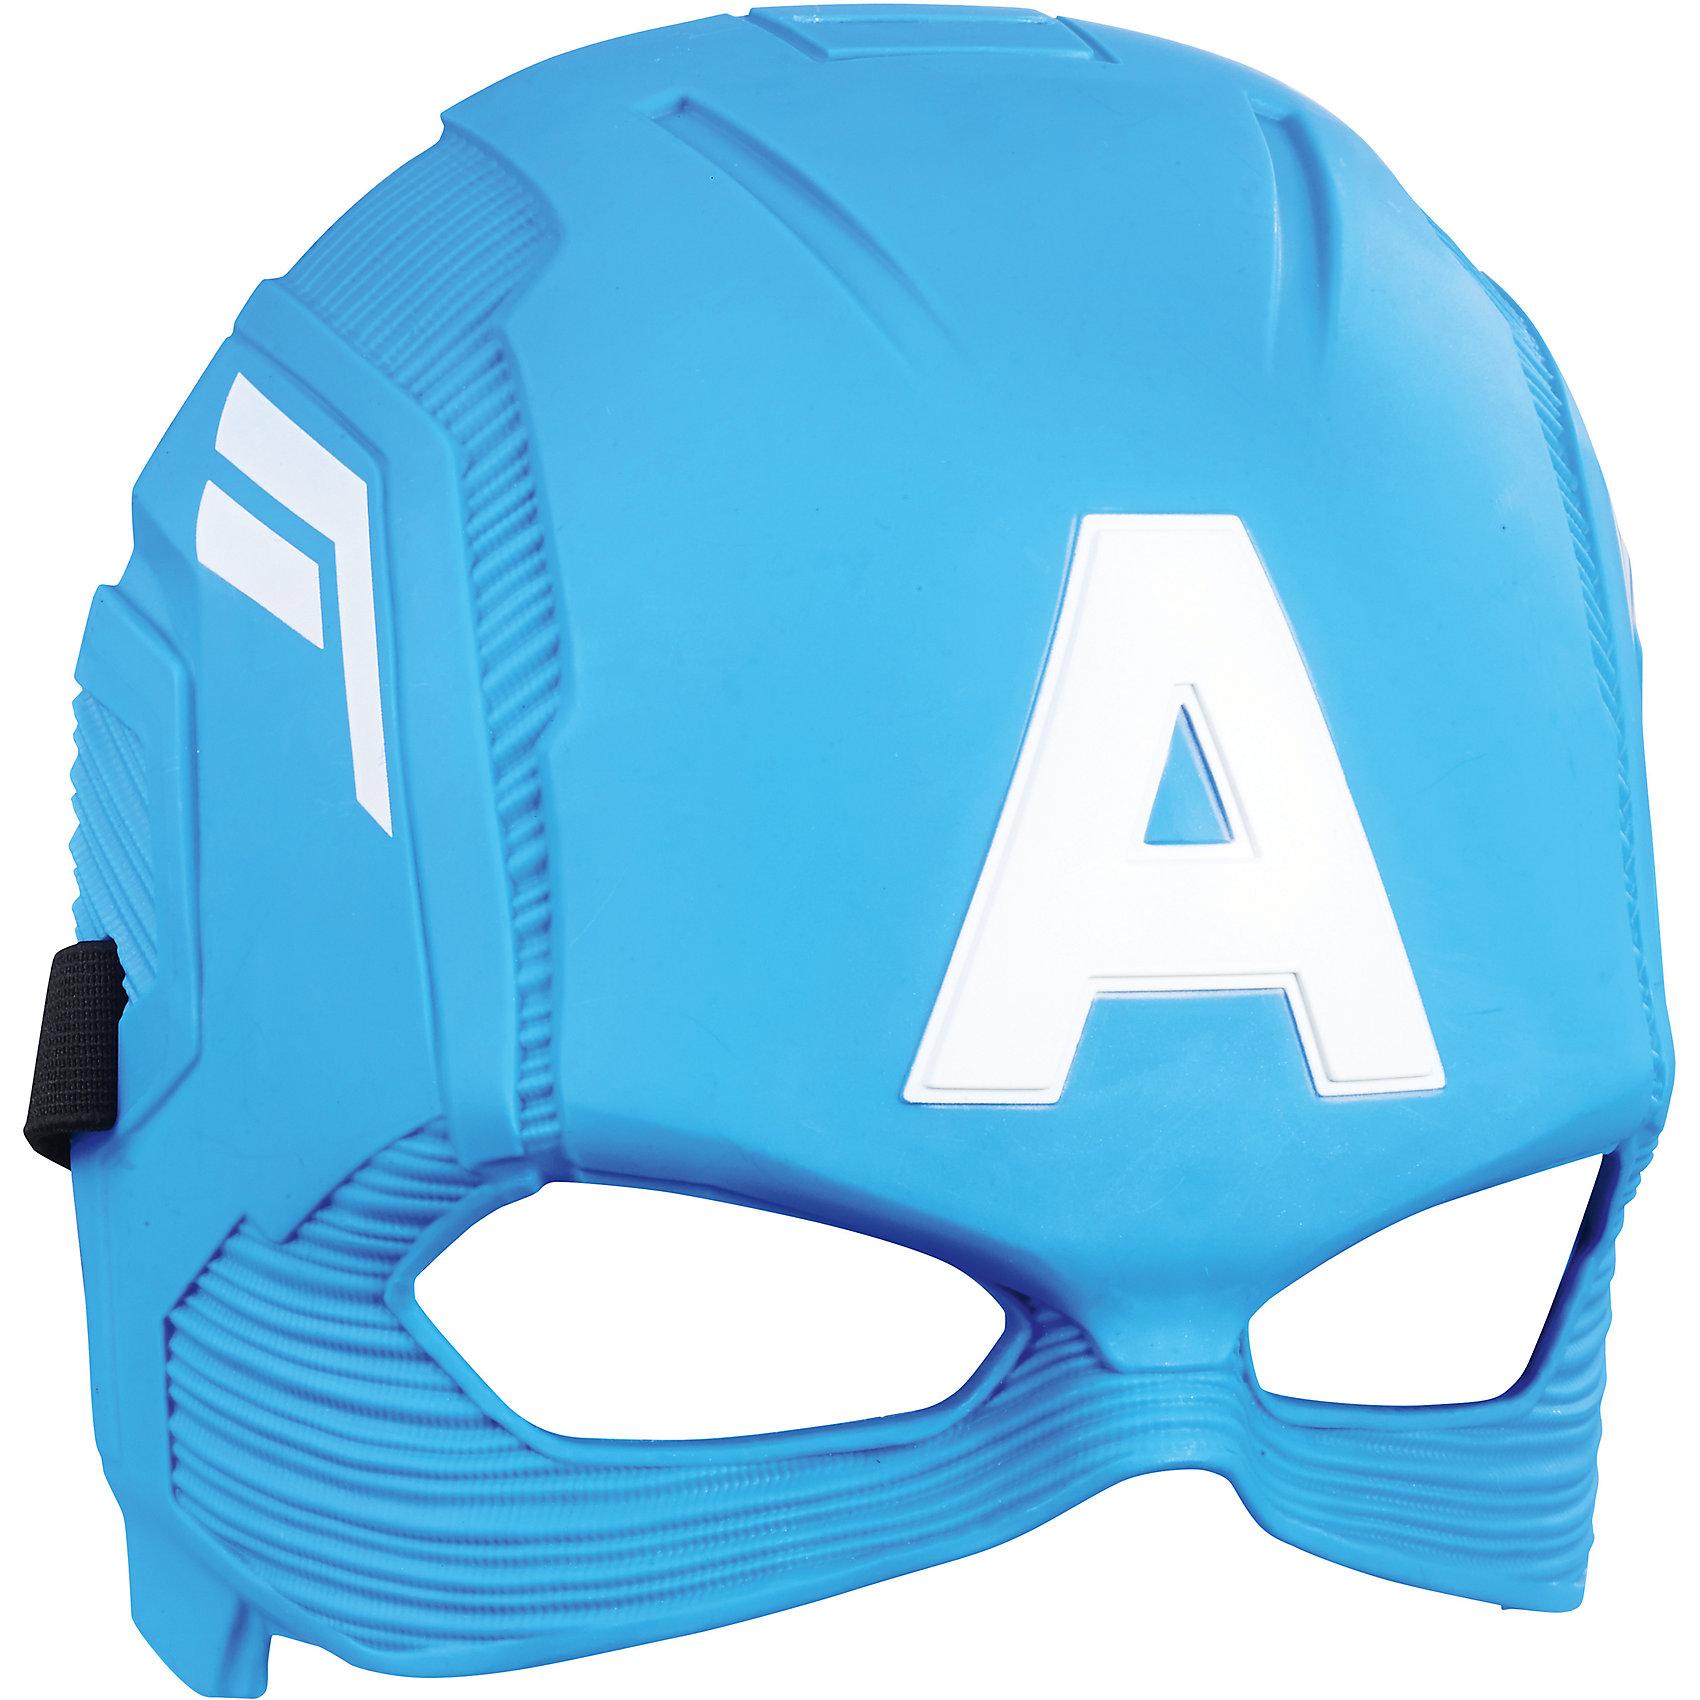 Маска Мстители Капитан Америка, HasbroМаски и карнавальные костюмы<br>Характеристики:<br><br>• возраст: от 5 лет<br>• материал: пластик<br>• размер упаковки:290х119х10 мм.<br>• вес: 140 гр.<br><br>Маска сверхчеловека Капитана Америка от Hasbro (Хасбро) поможет ребенку представить себя супергероем, которой спасает мир от злодеев и погрузиться с друзьями в увлекательный игровой процесс. Маска выполнена очень реалистично, все детали тщательно проработаны. Она надежно закрепляется на голове ребенка с помощью эластичной резинки. Изделие изготовлено из качественного пластика и наверняка понравится поклонникам этого героя.<br><br>Маску Мстителя, B9945/C0480, Мстители, Hasbro (Хасбро) можно купить в нашем интернет-магазине.<br><br>Ширина мм: 290<br>Глубина мм: 119<br>Высота мм: 10<br>Вес г: 140<br>Возраст от месяцев: 60<br>Возраст до месяцев: 2147483647<br>Пол: Мужской<br>Возраст: Детский<br>SKU: 6711760